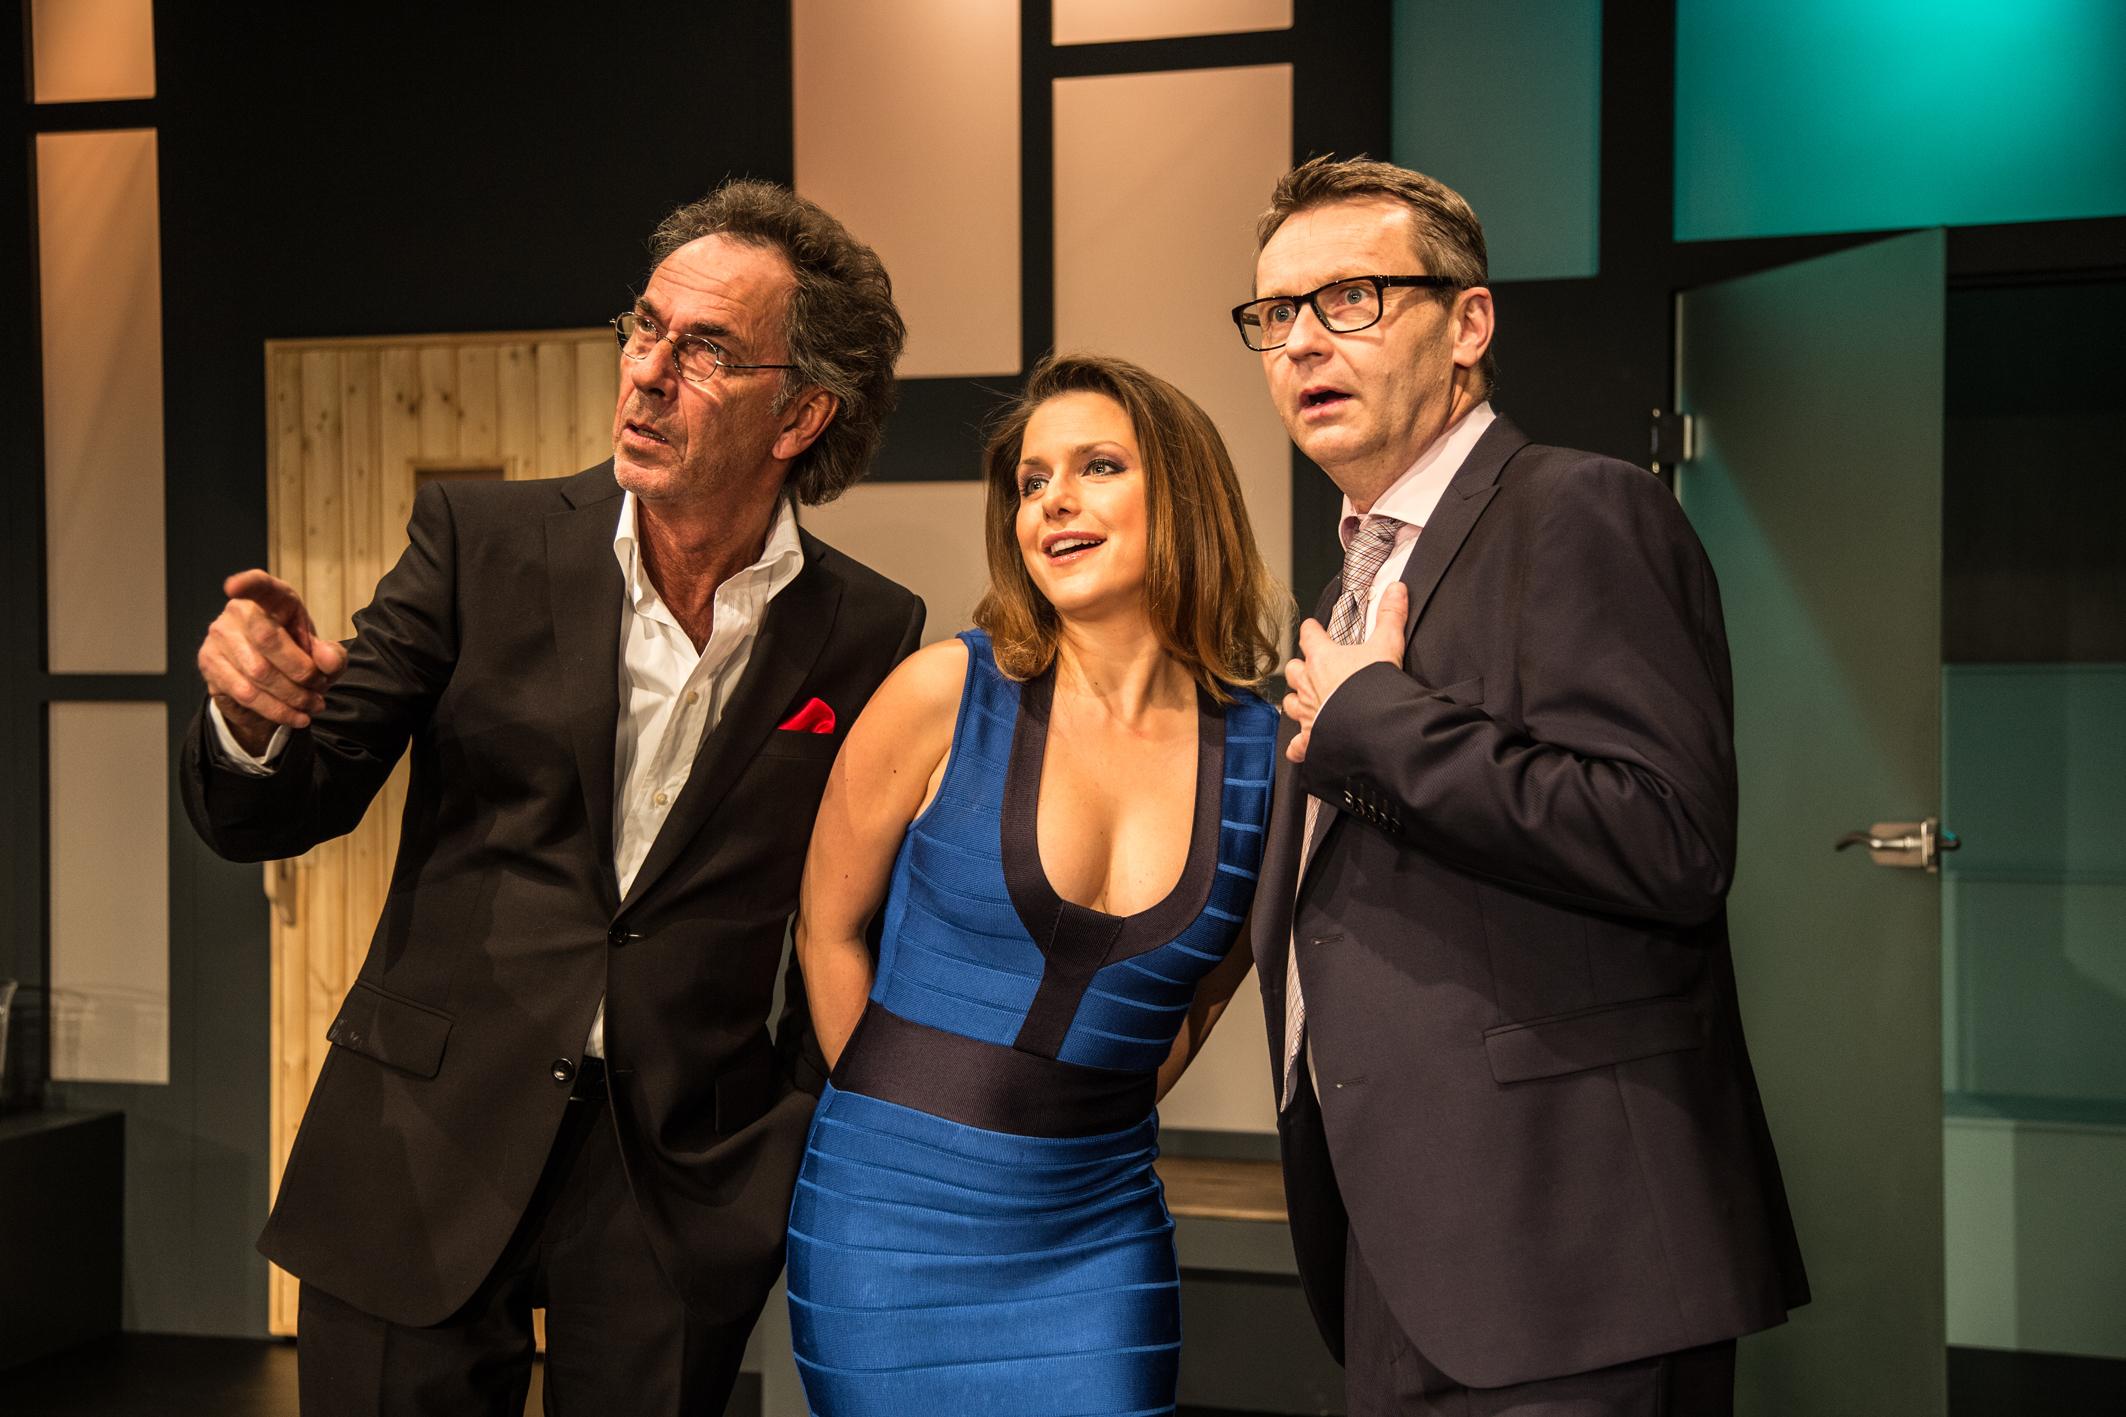 Hugo Egon Balder, Jeanette Biedermann und René Heinersdorff werden am Mittwoch, dem 10.02.2016 in einer Komödie auf der Theaterbühne stehen. (Foto: Presseamt Stadt Erkrath)